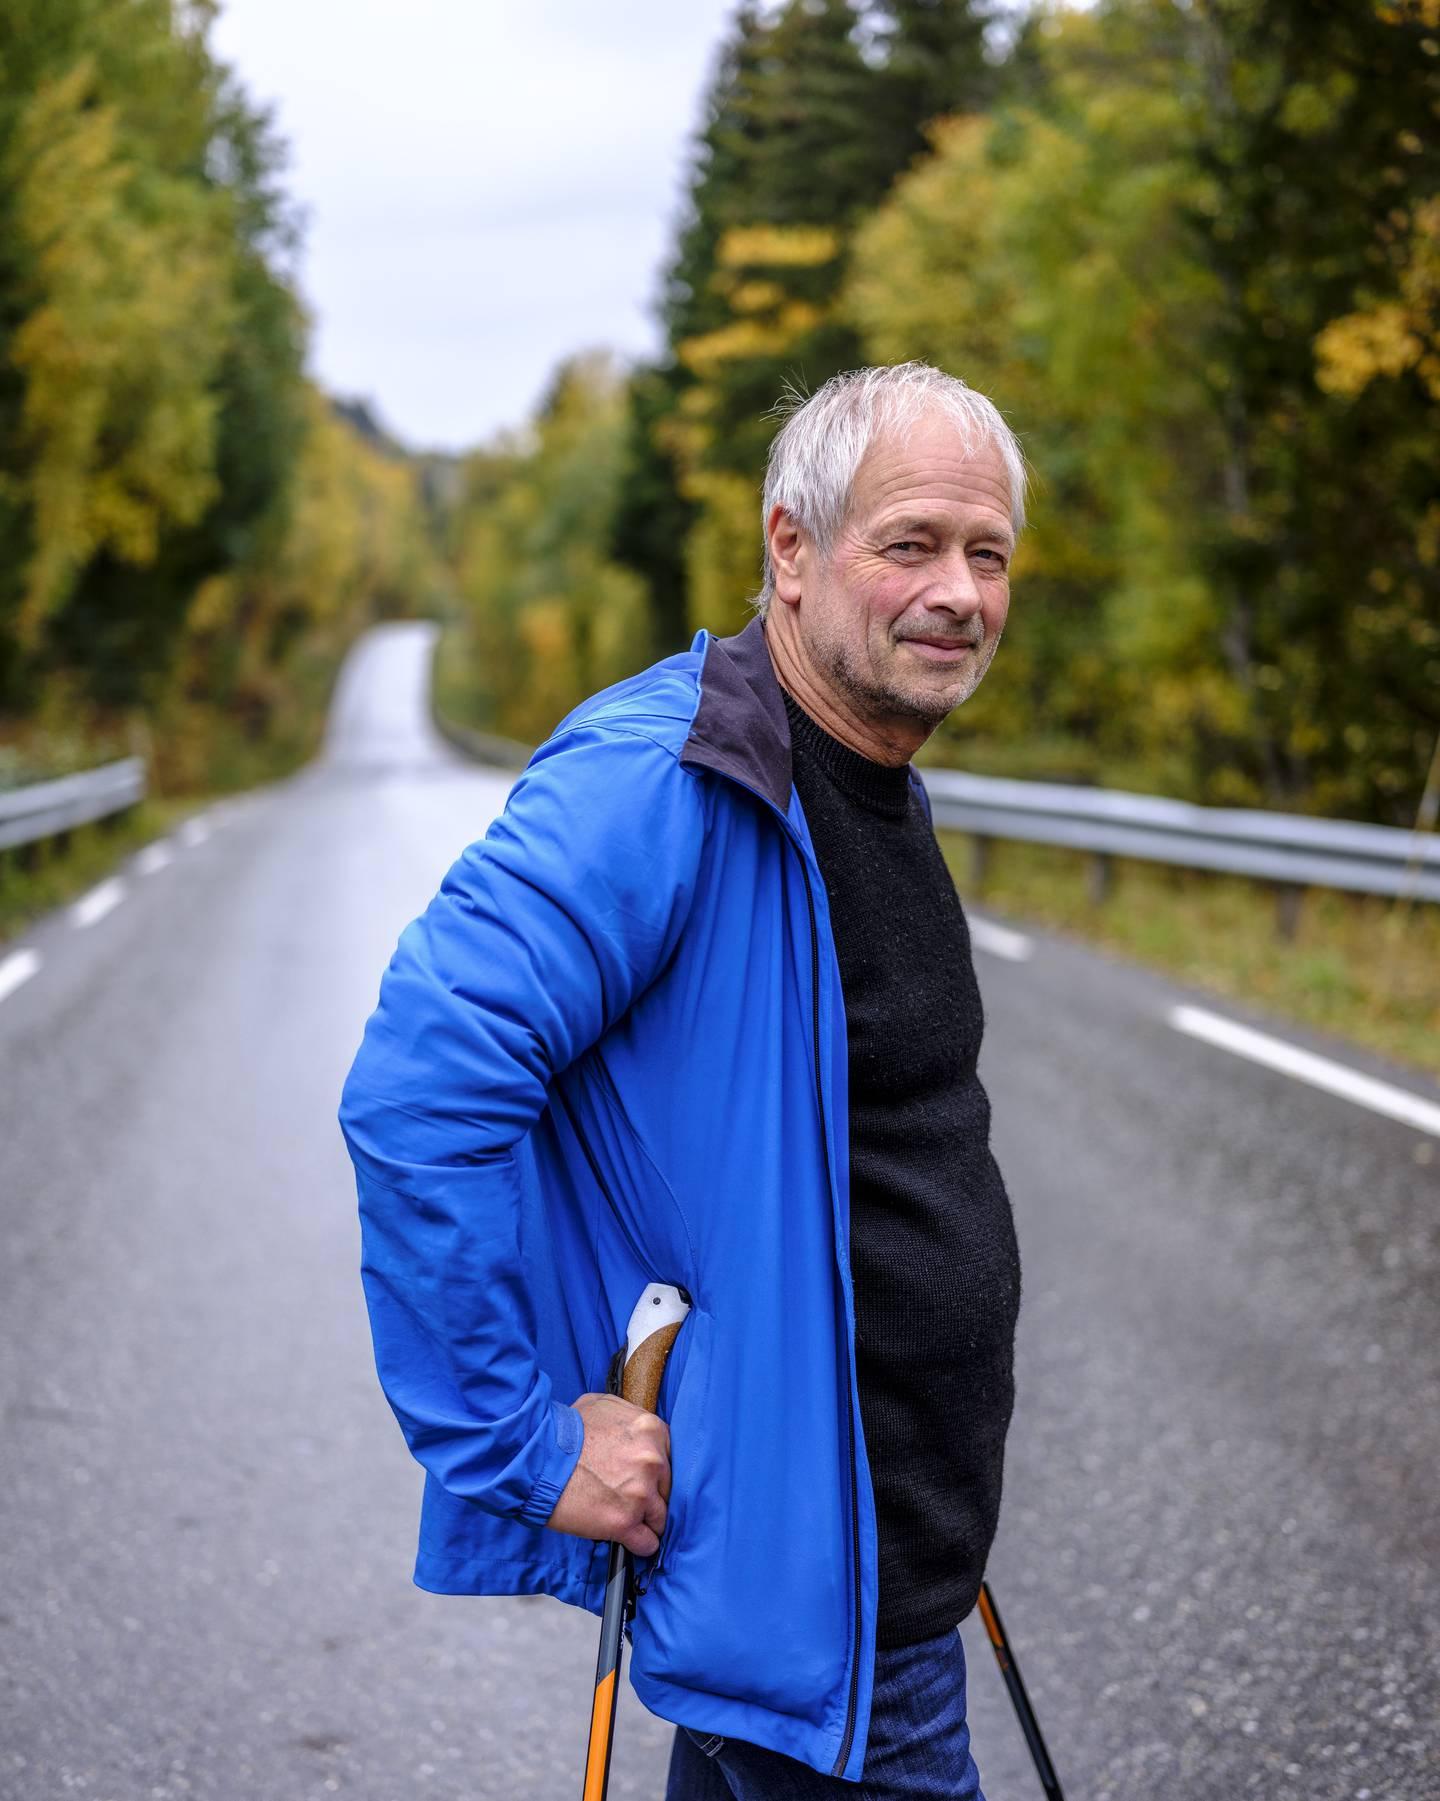 Torbjørn Dahl, leder for Lågendeltaets venner. Elvedeltaet ved innløpet til Gudbrandsdalslågen ble vernet i 1990. Nå som firefelts E6 med 110-fart planlegges rett gjennom naturreservatet, frykter lokalpolitikere at området likevel har null rettsvern.